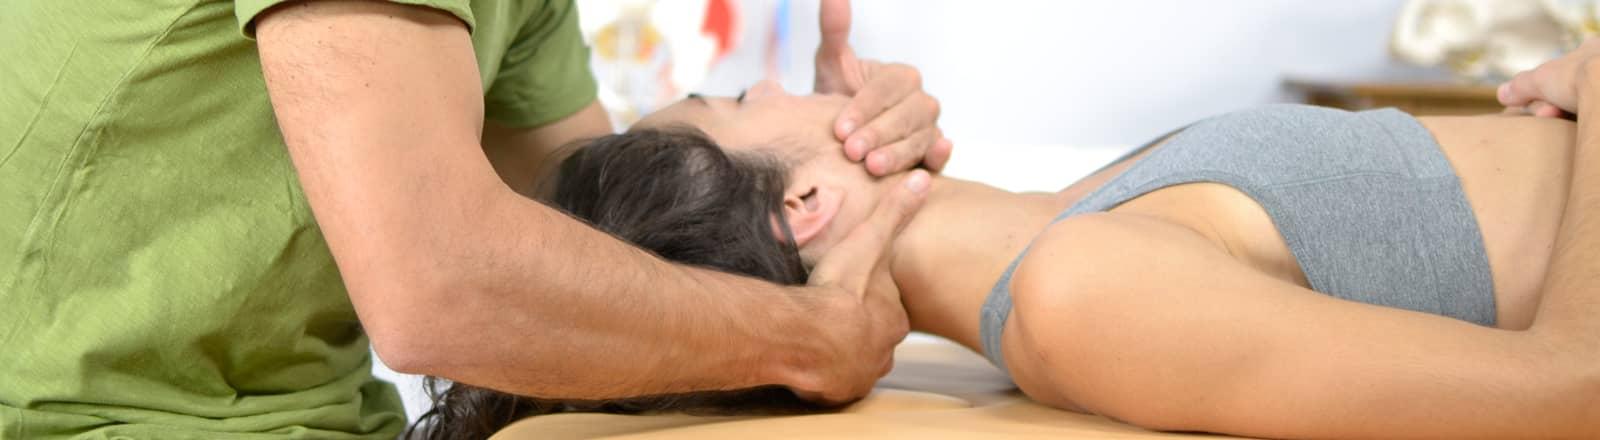 puncion seca fisioterapia